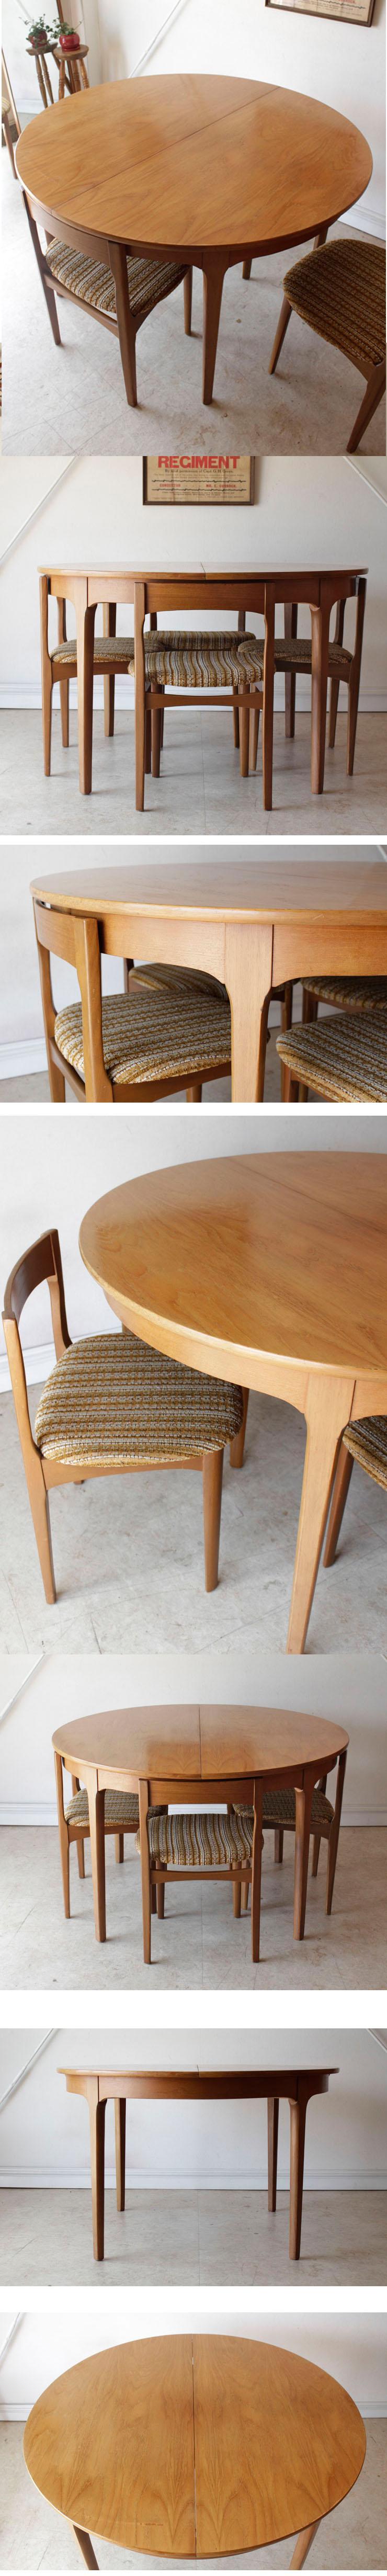 ネイサン・NATHAN・ダイニングテーブル・ダイニングチェア・ビンテージ・チーク・アンティーク・ミッドセンチュリー・家具